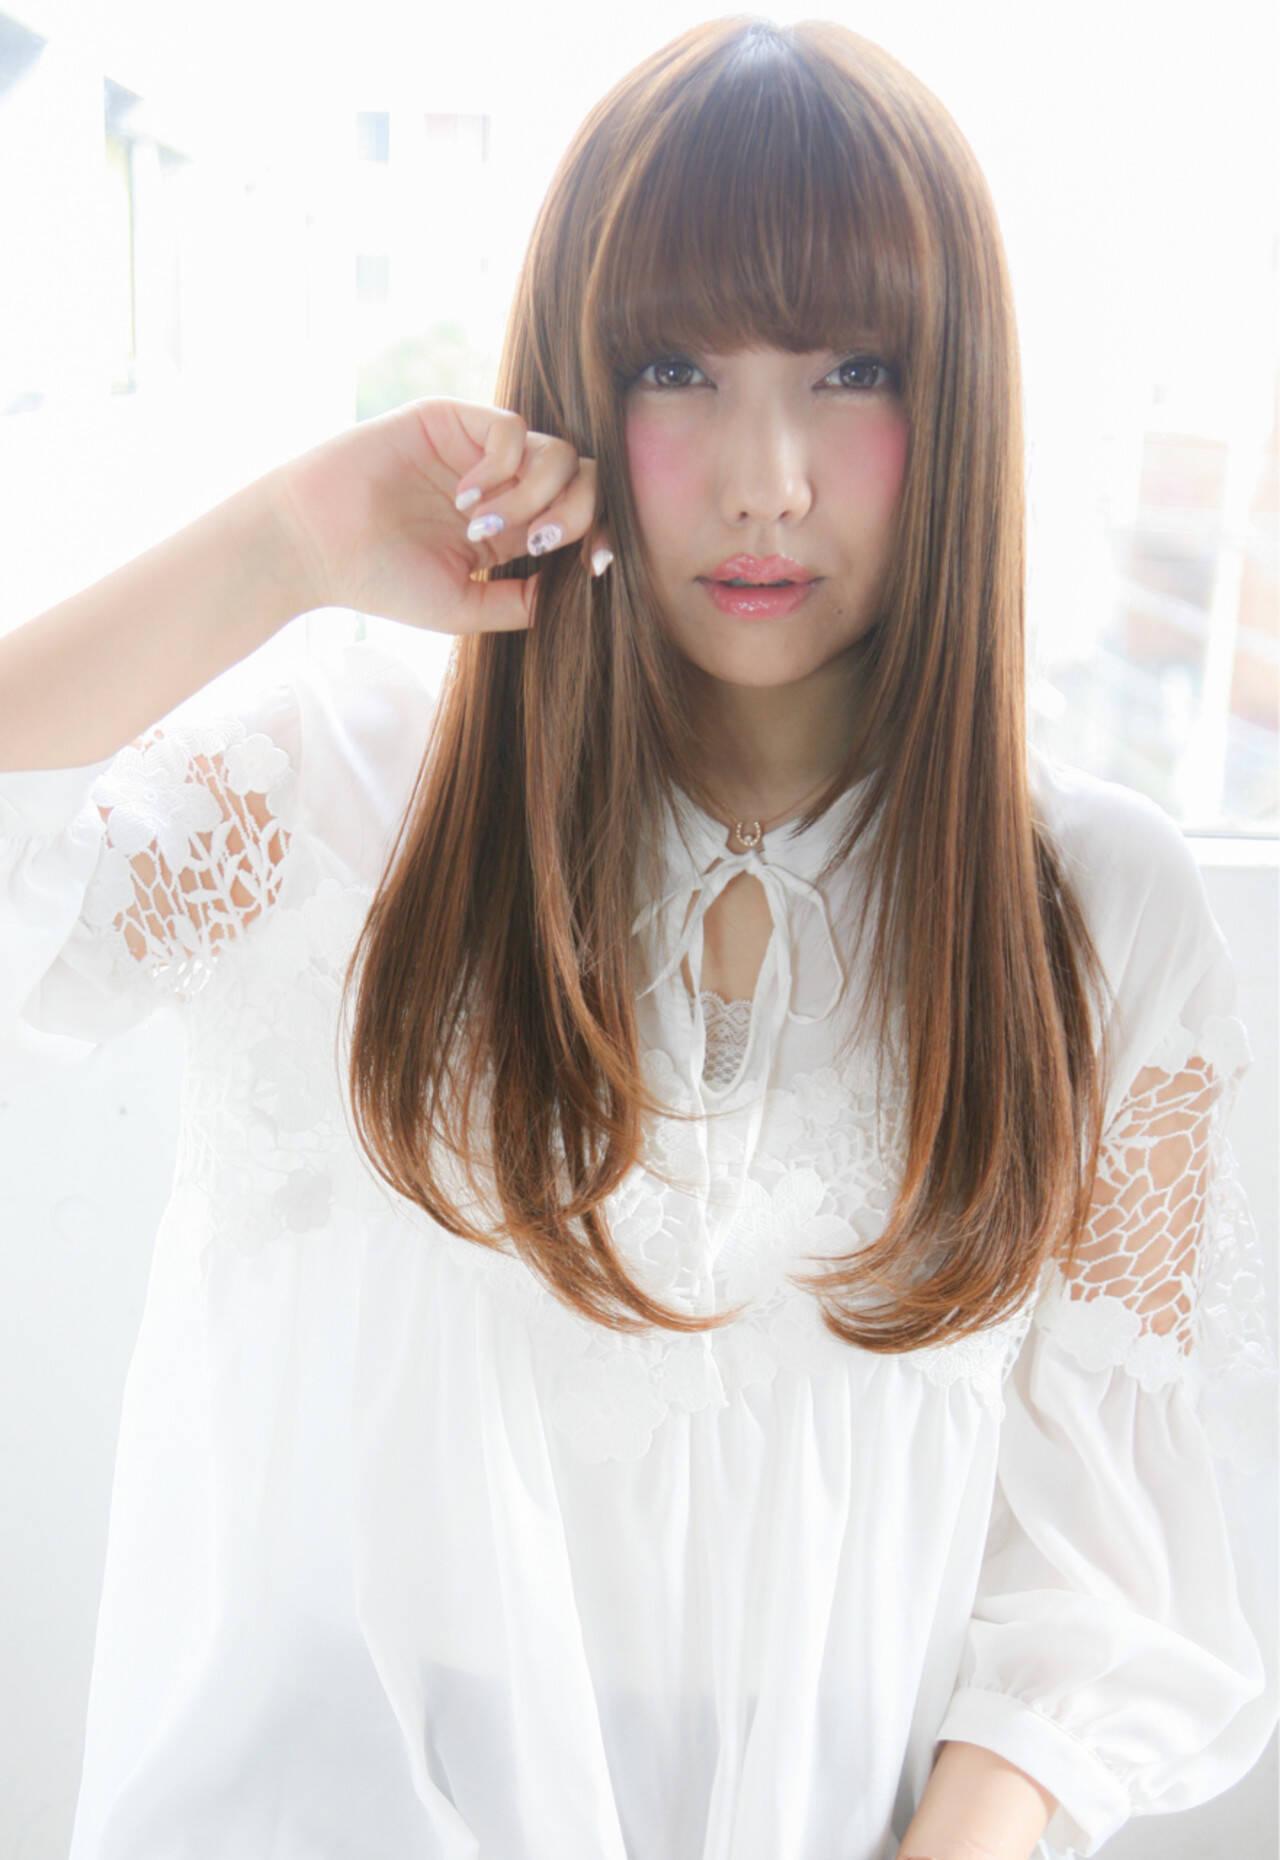 ハイライト パーマ ストレート 前髪ありヘアスタイルや髪型の写真・画像